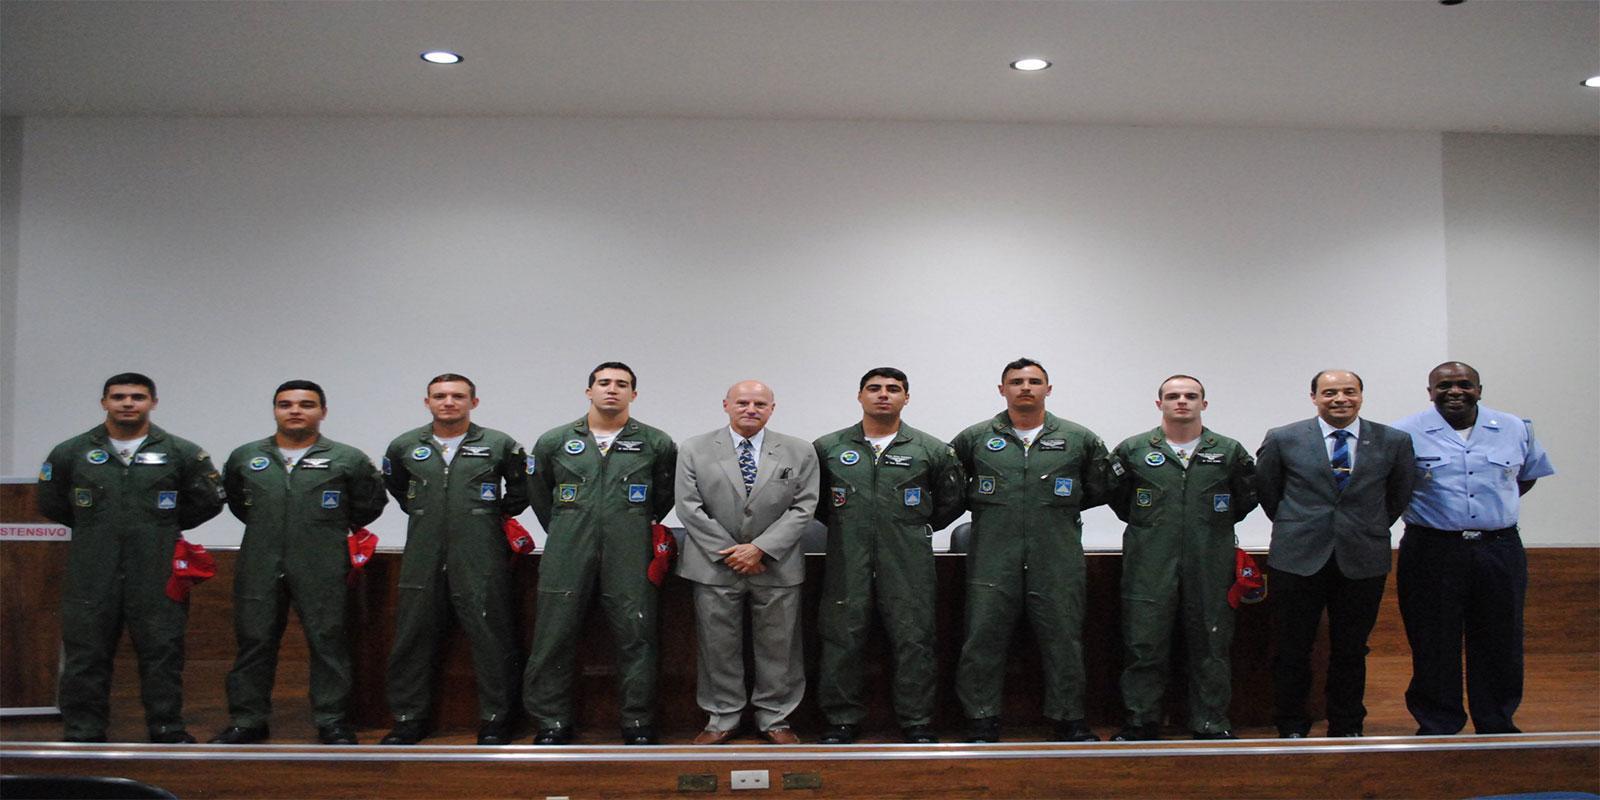 Entrega de Lembranças da ABRA-PAT aos Formandos do CEO - IVR